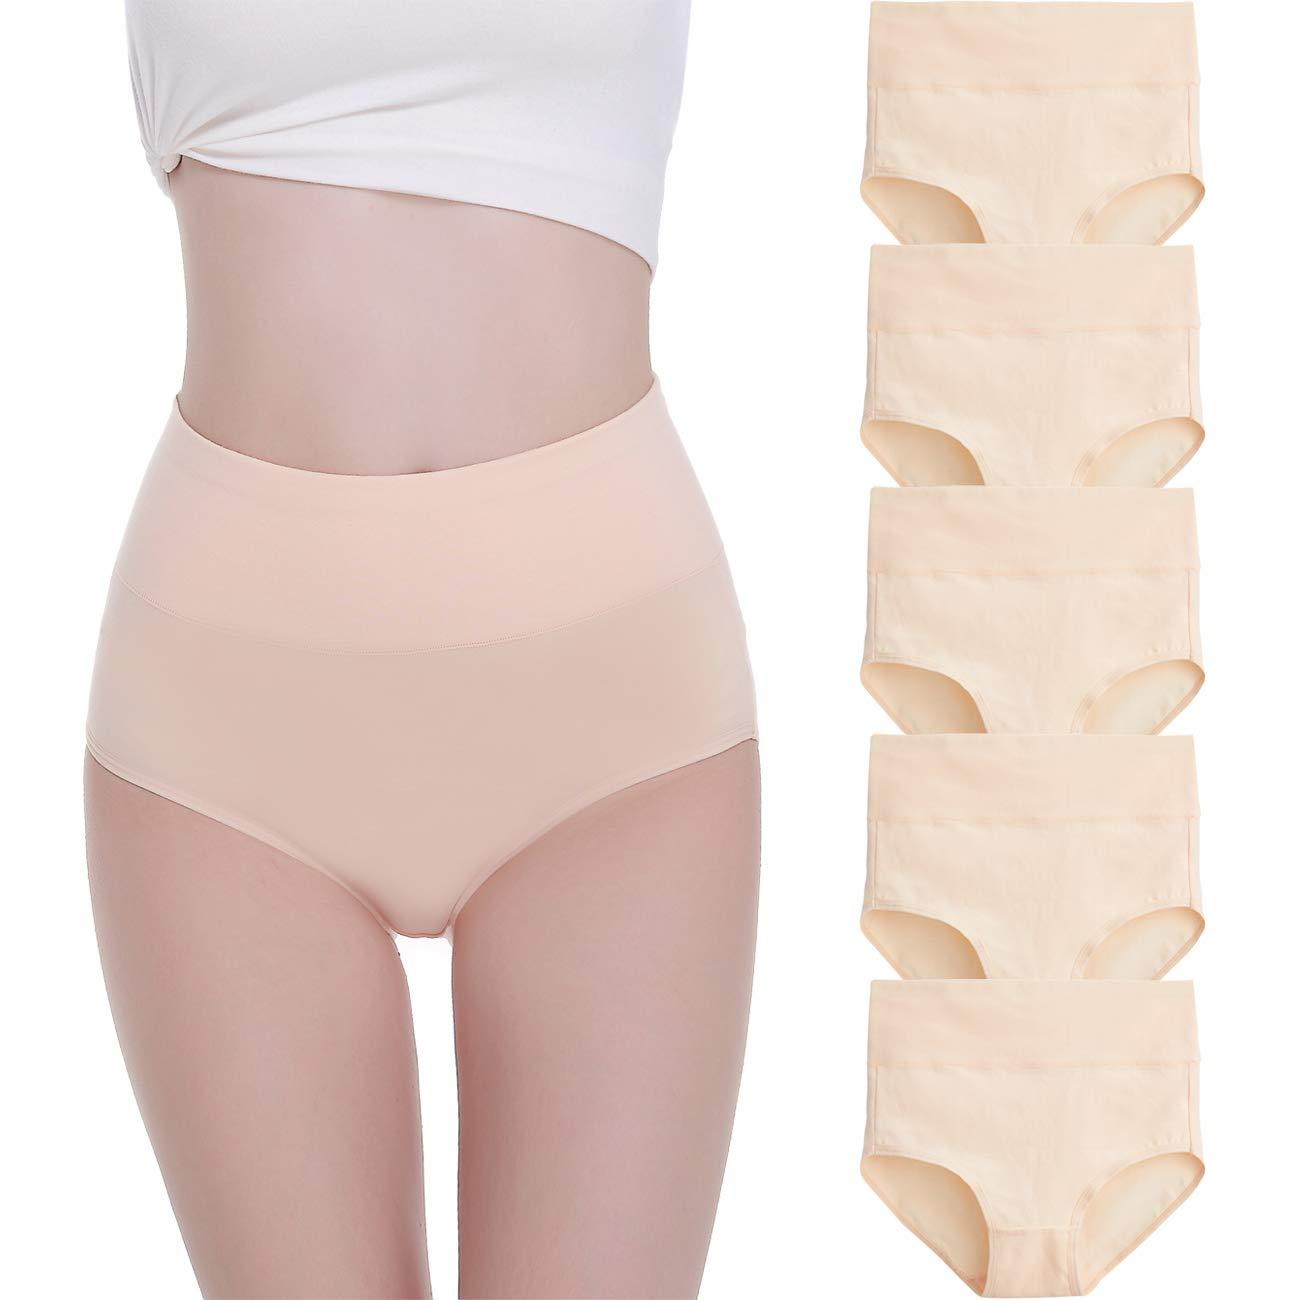 FALARY Unterhosen Damen Unterw/äsche Baumwolle 5er Pack Slip Hohe Taille Unterhose Taillenslip Gr/ö/ße XS-3XL